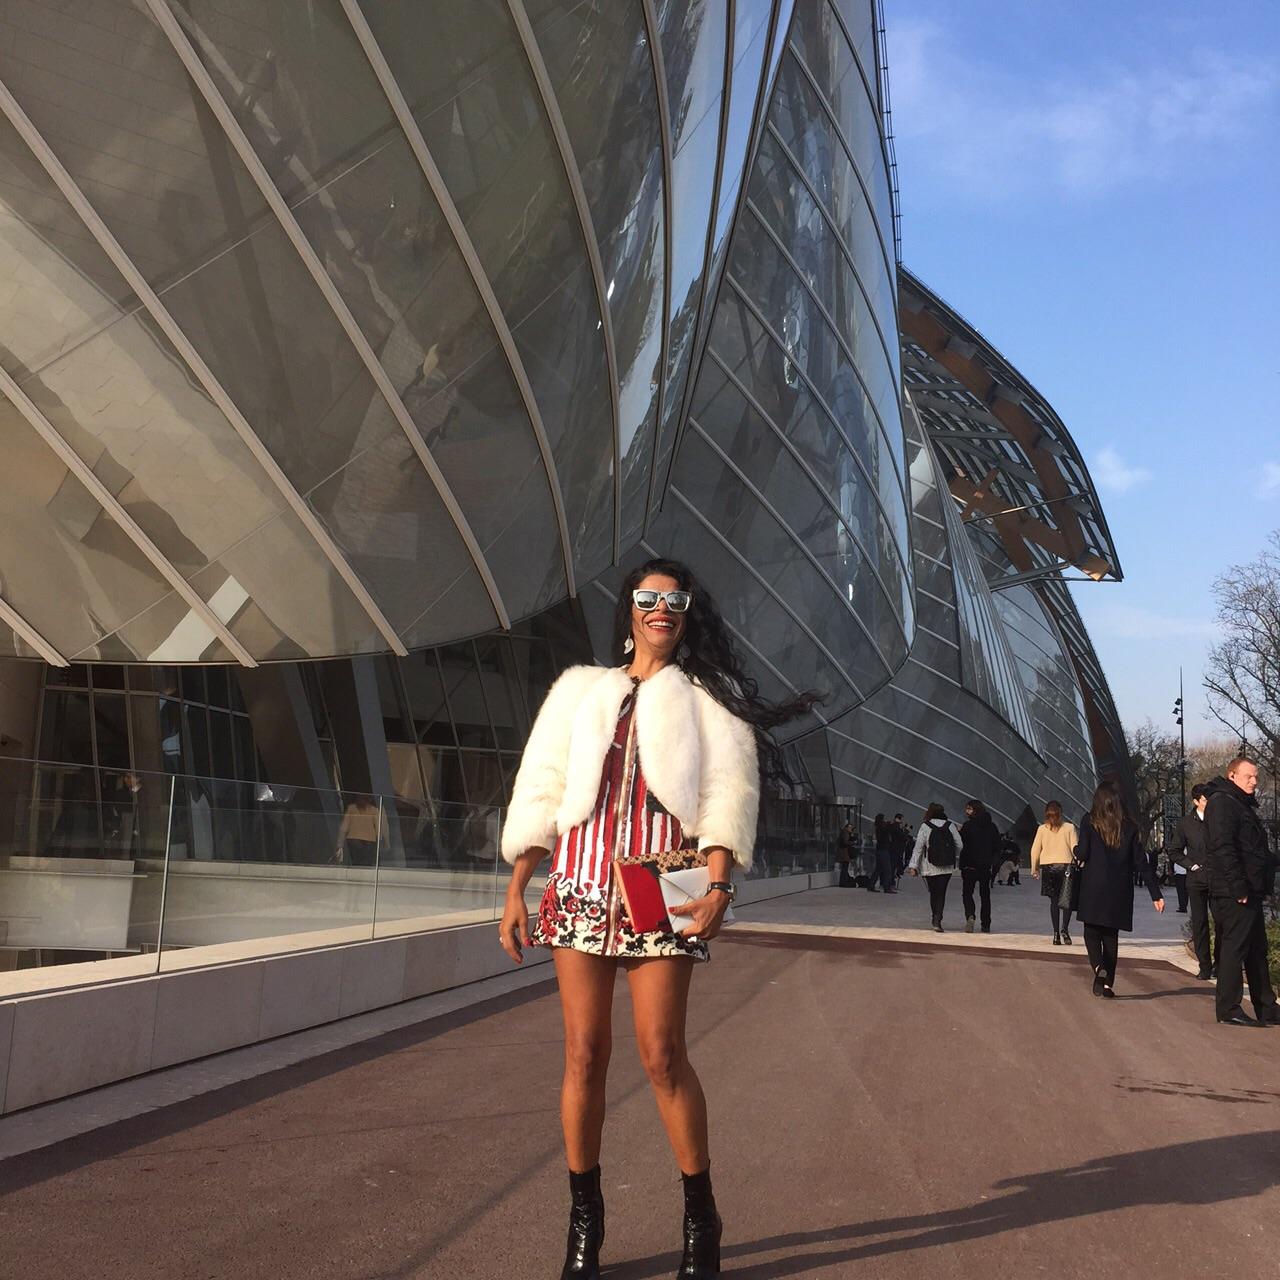 Elsaine Von Blanckenhagen arrasa no seu look para o desfile Louis Vuitton hoje em Paris